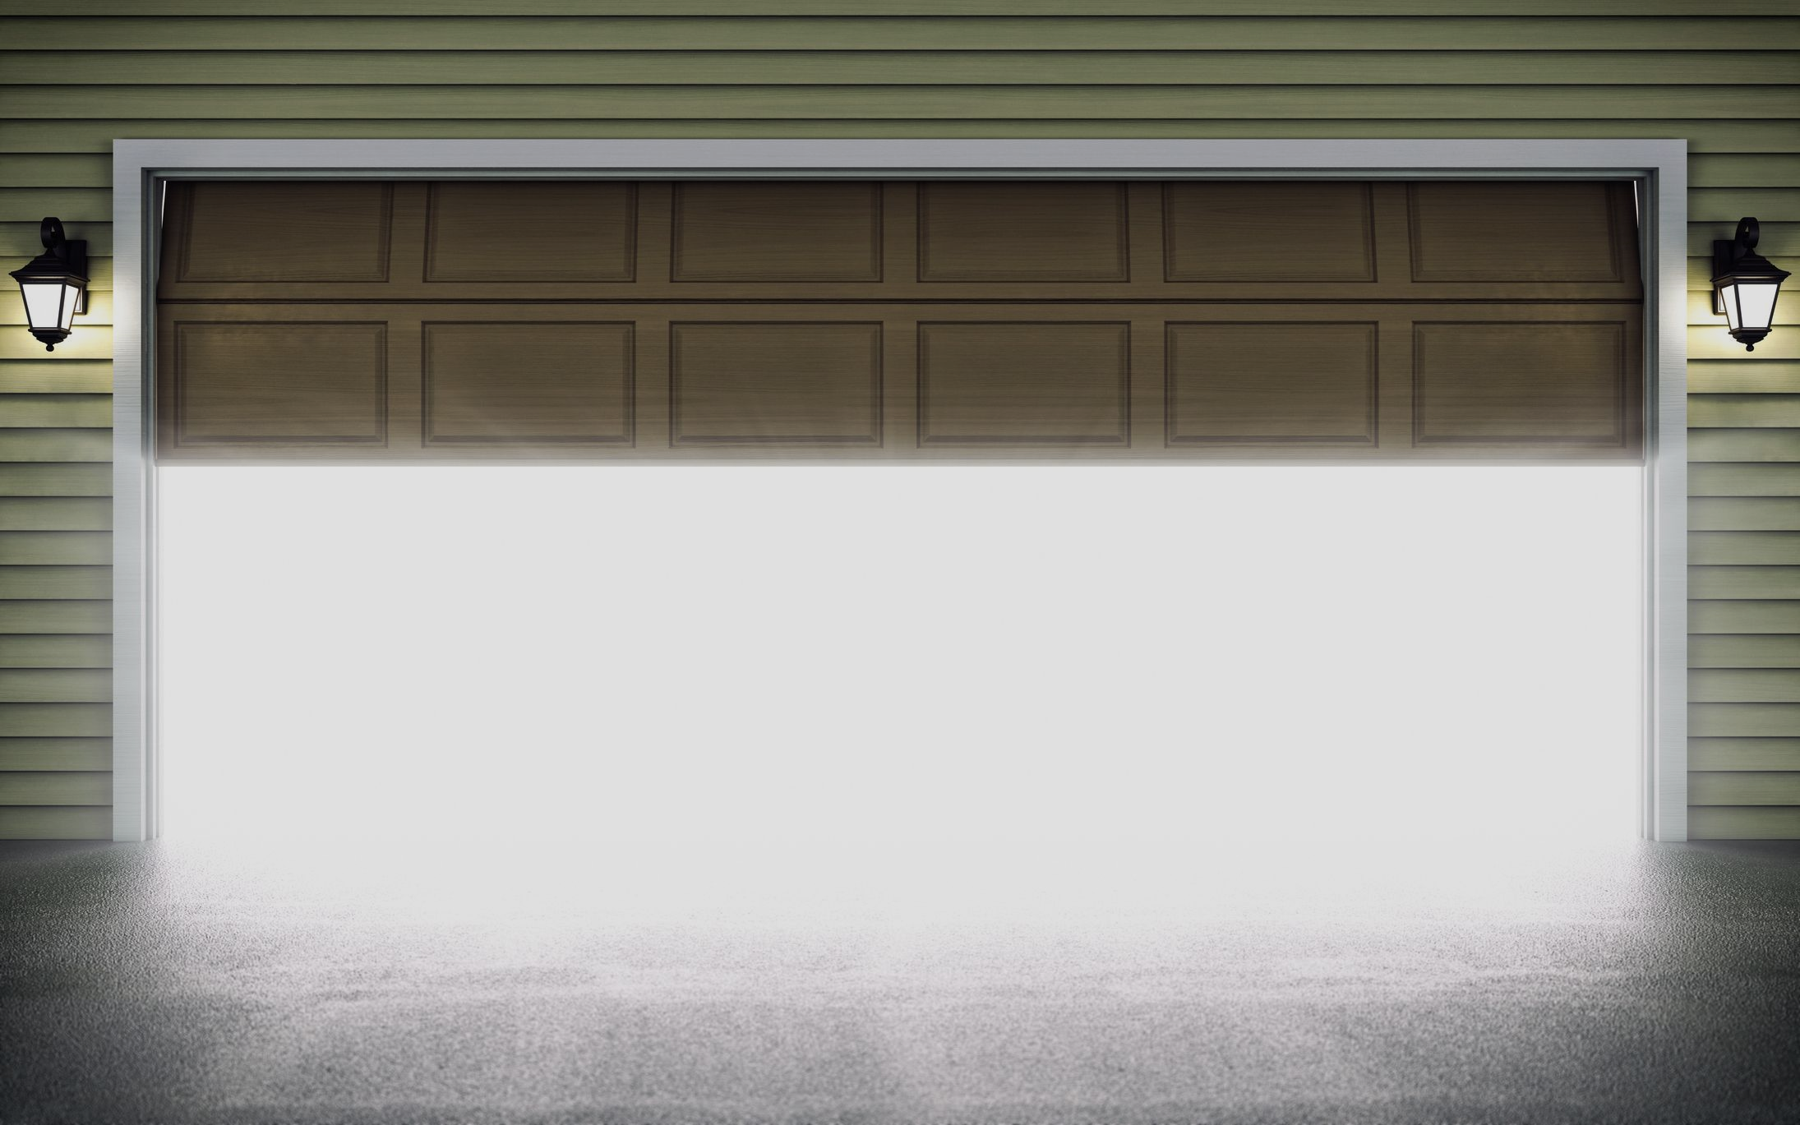 Garage Door Repair Sunprairie Provide A Large Variety Of Garage Door Repairs And Garage Garage Doors Liftmaster Garage Door Opener Automatic Garage Door Opener